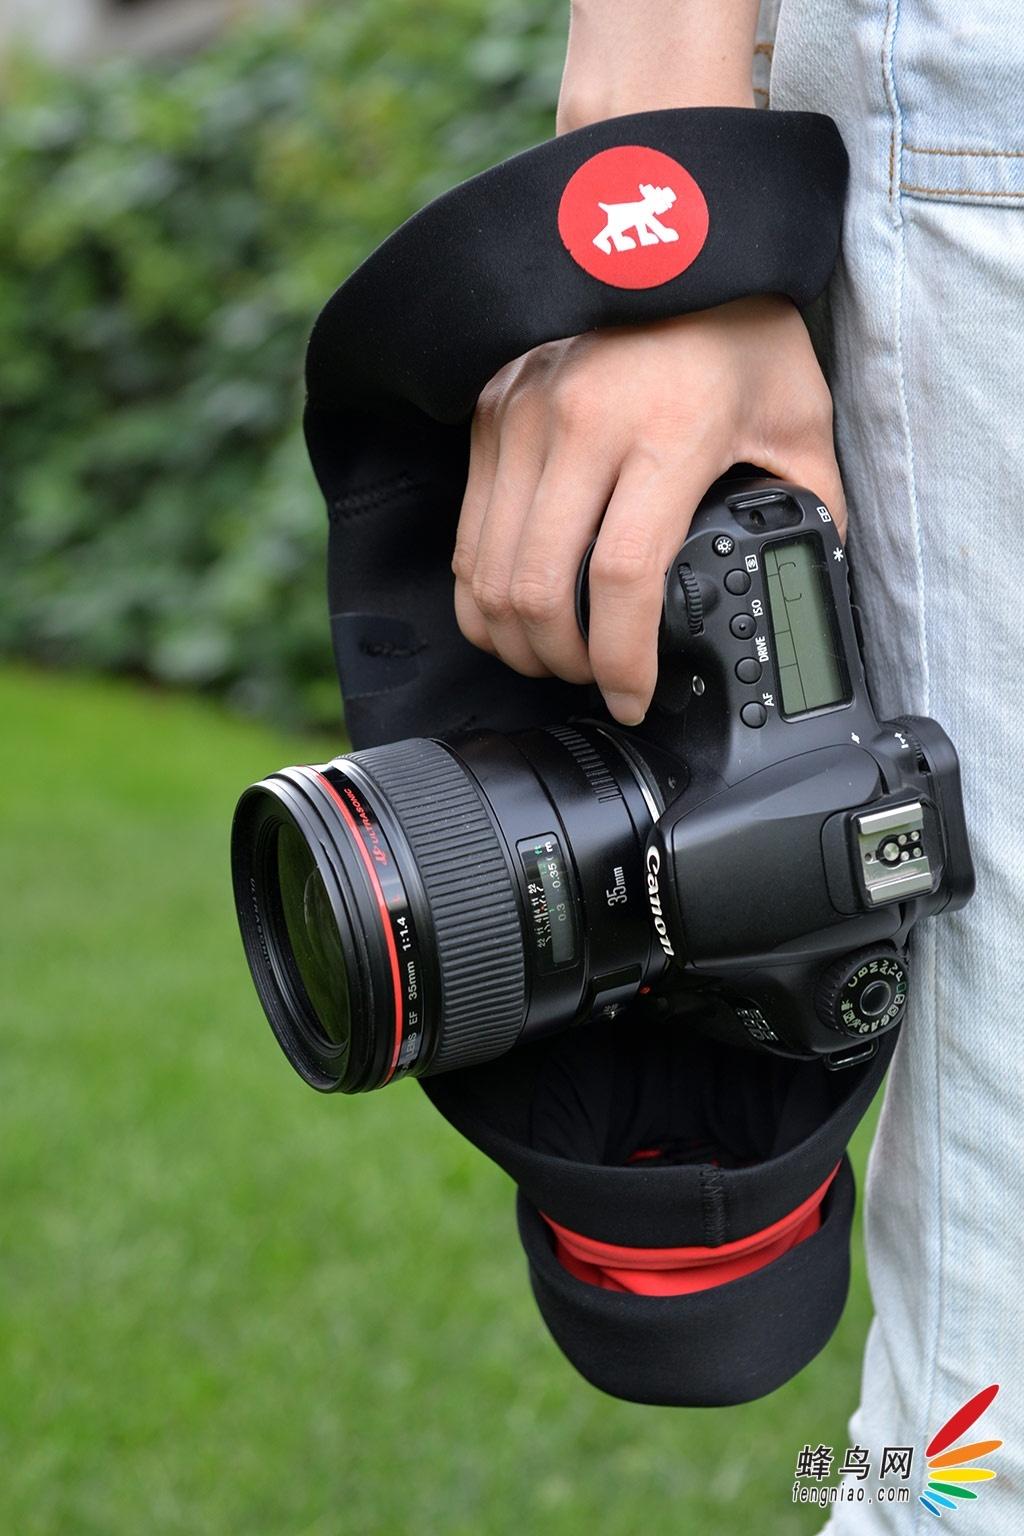 单反摄影,是不是能用单反相机配合天文望远镜拍摄太空图片